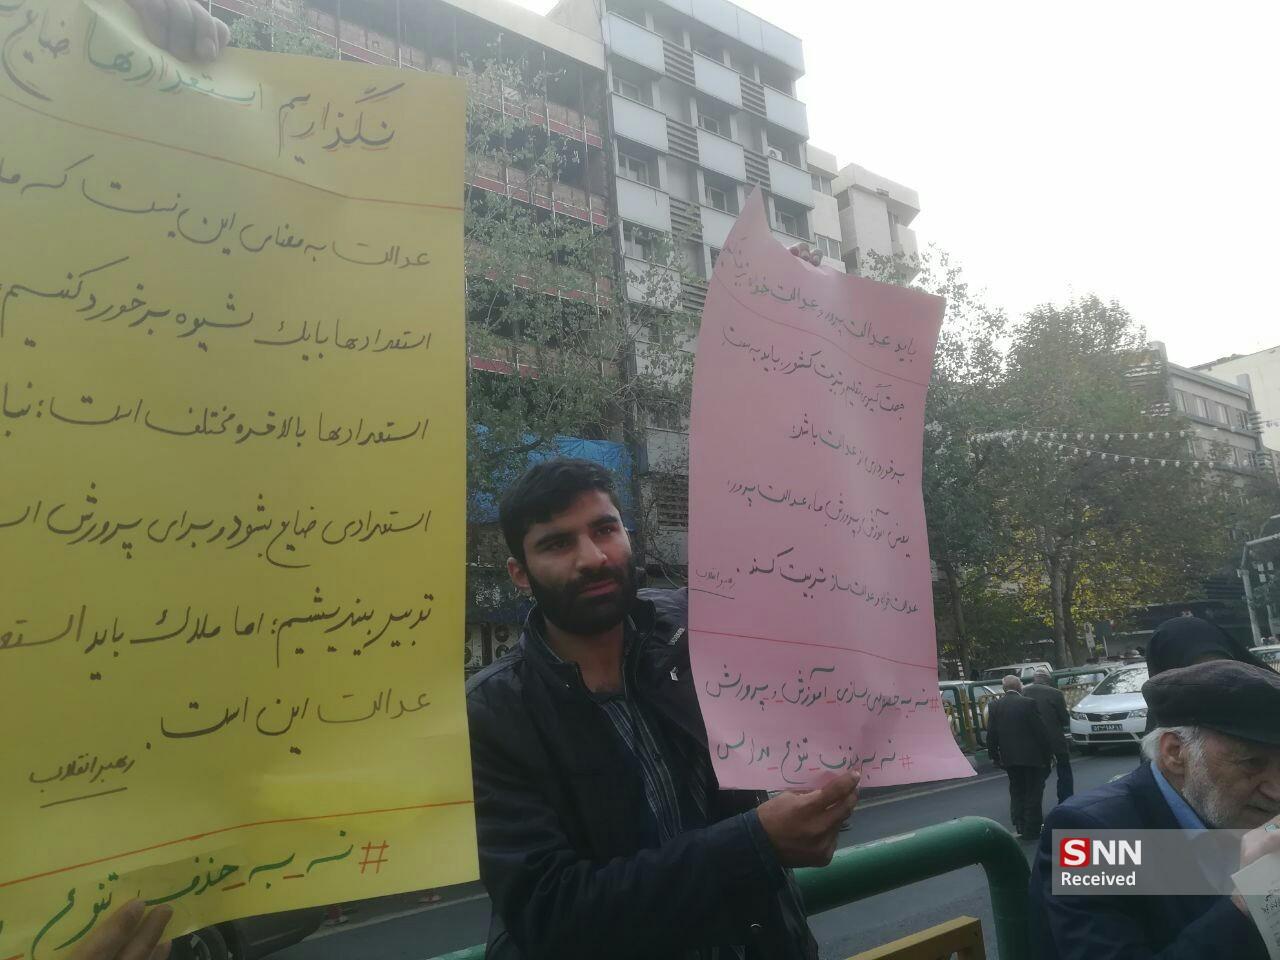 تجمع نه به خصوصی سازی مدارس با حضور دانشجویان تهرانی برگزار شد